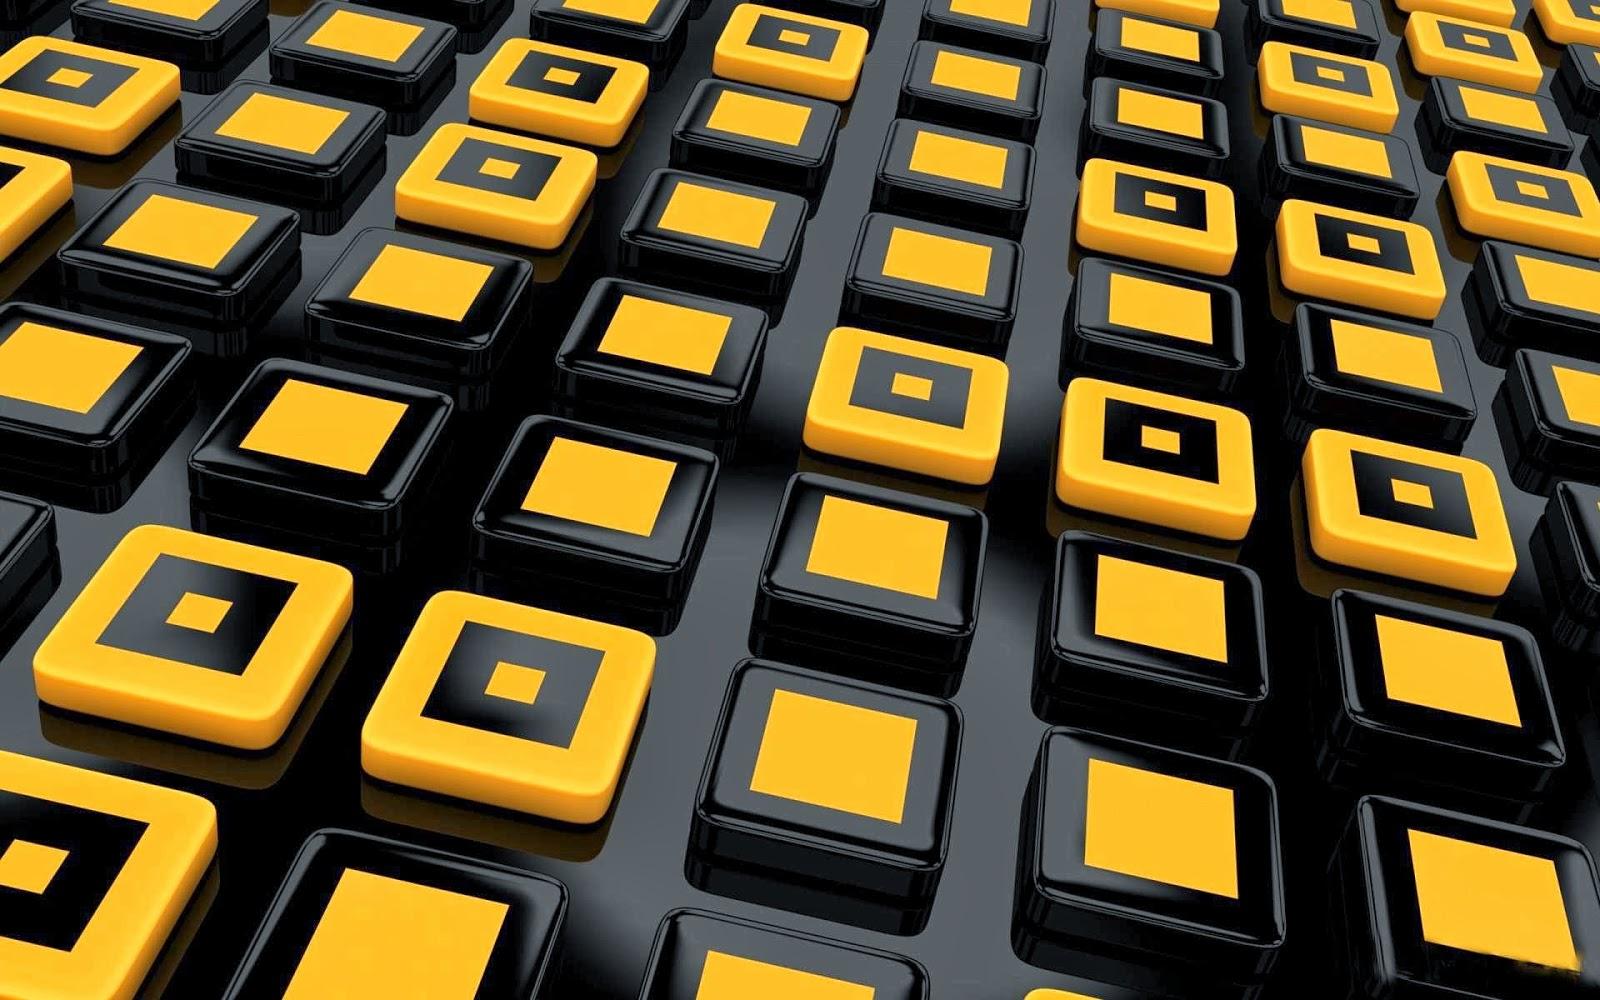 Fondo de pantalla abstracto cubos amarillos san valentn fondo de pantalla abstracto cubos amarillos altavistaventures Choice Image